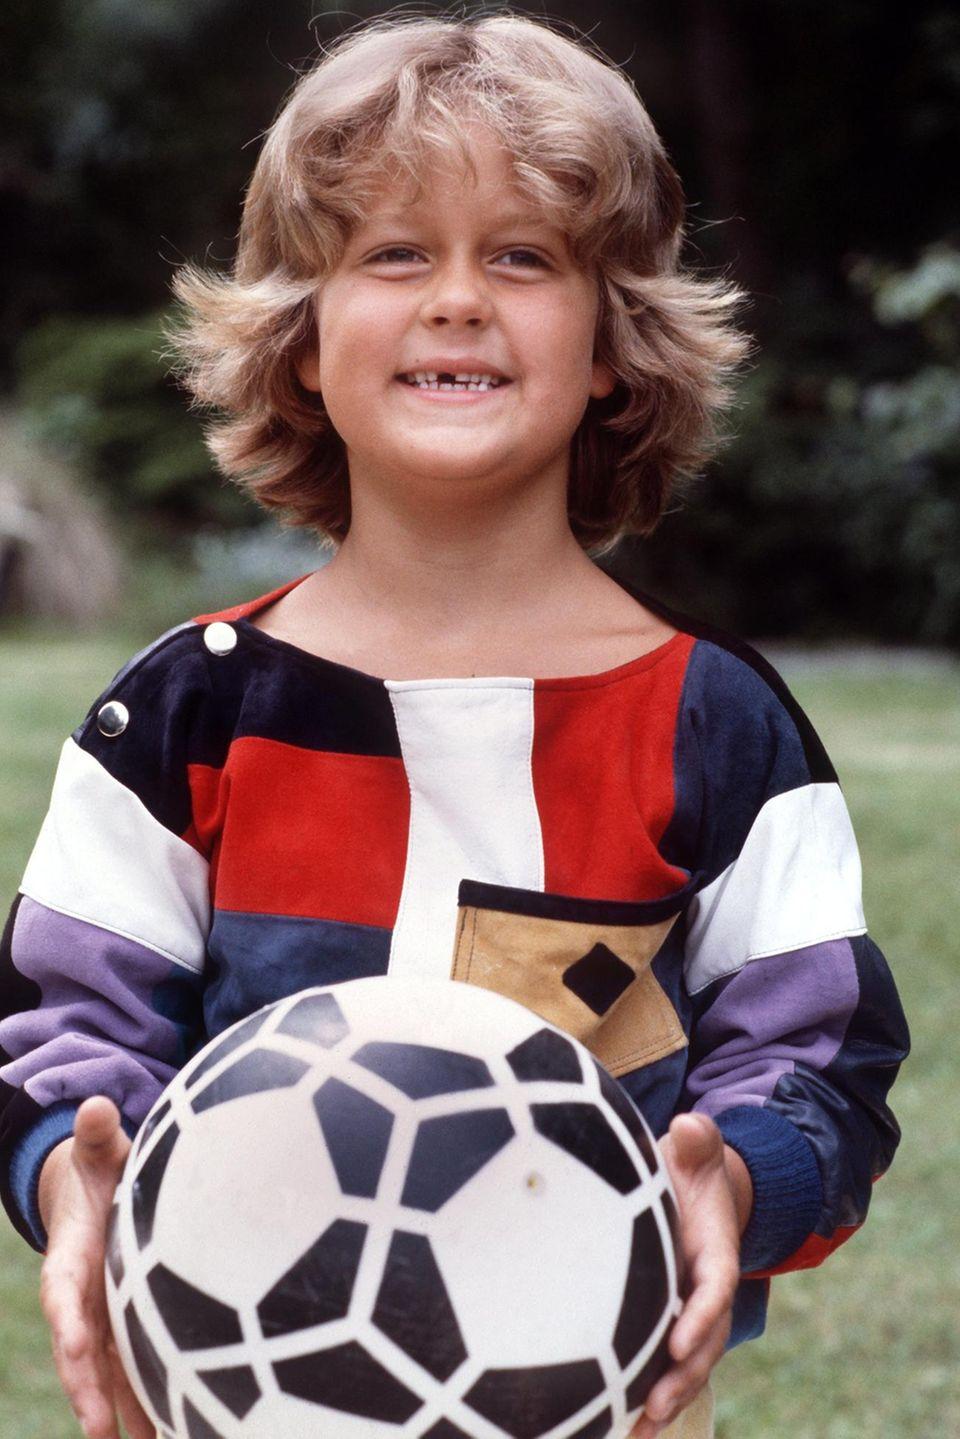 Wayne Carpendale  Mit sechs Jahren steht Wayne Carpendale mit Wuschelkopf und Zahnlücke auf dem Fußballplatz und lächelt noch genauso charmant wie als Kleinkind in die Kamera.